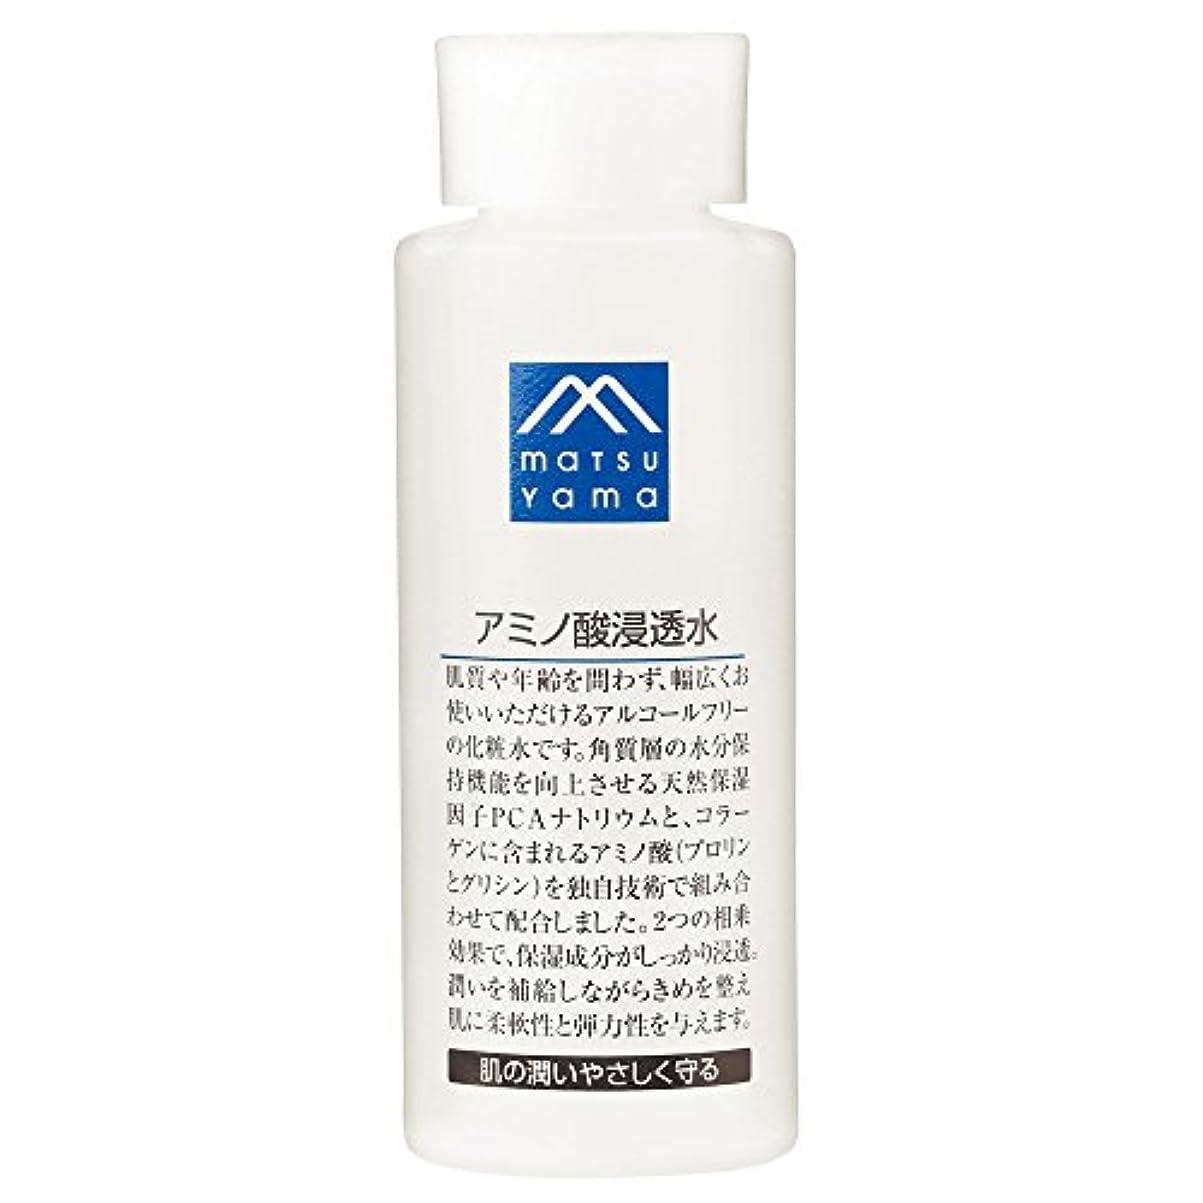 マラドロイトサーカスバタフライM-mark アミノ酸浸透水